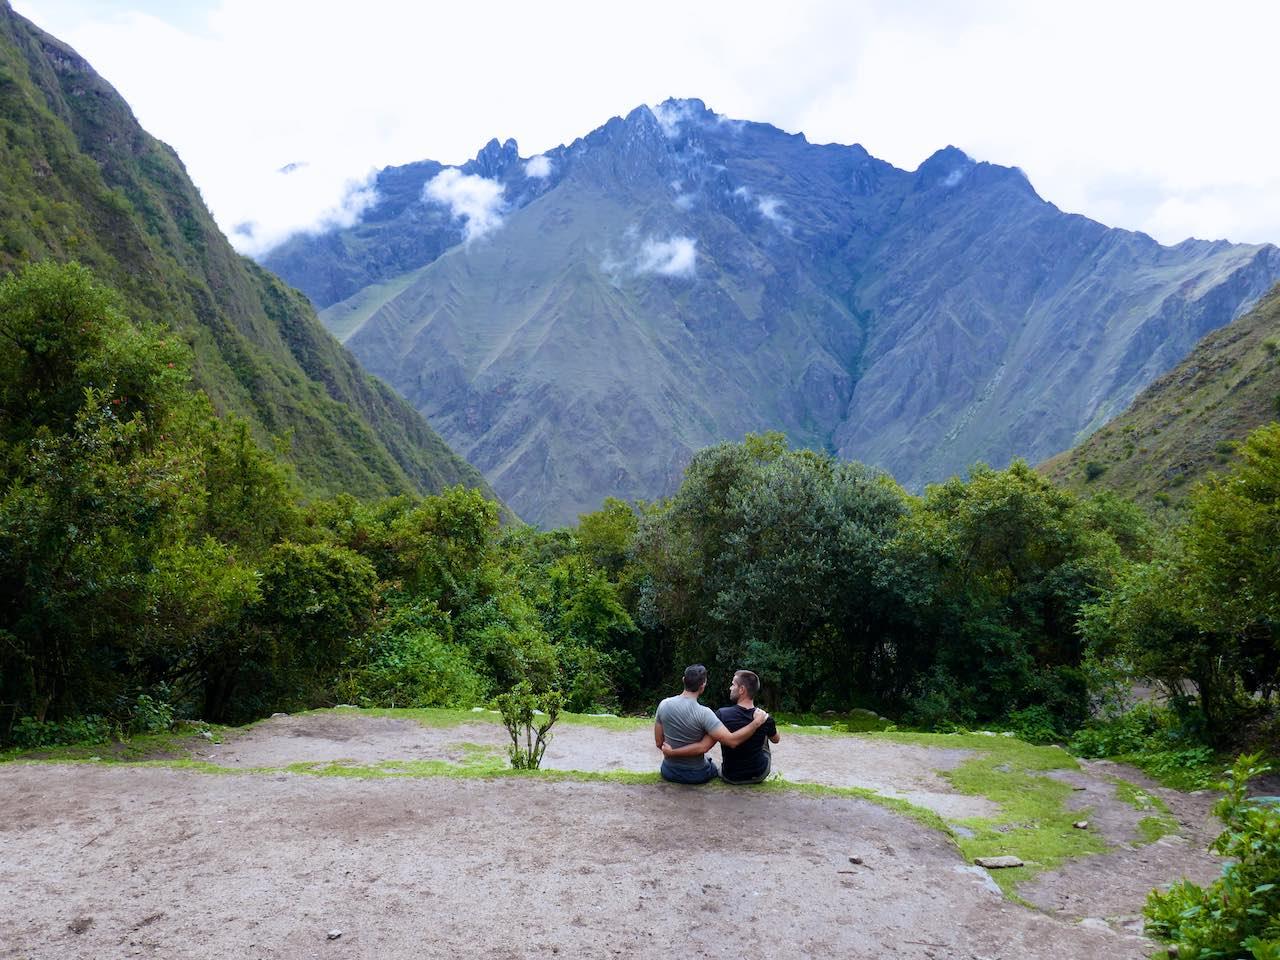 Inca Trail to Machu Picchu Peru